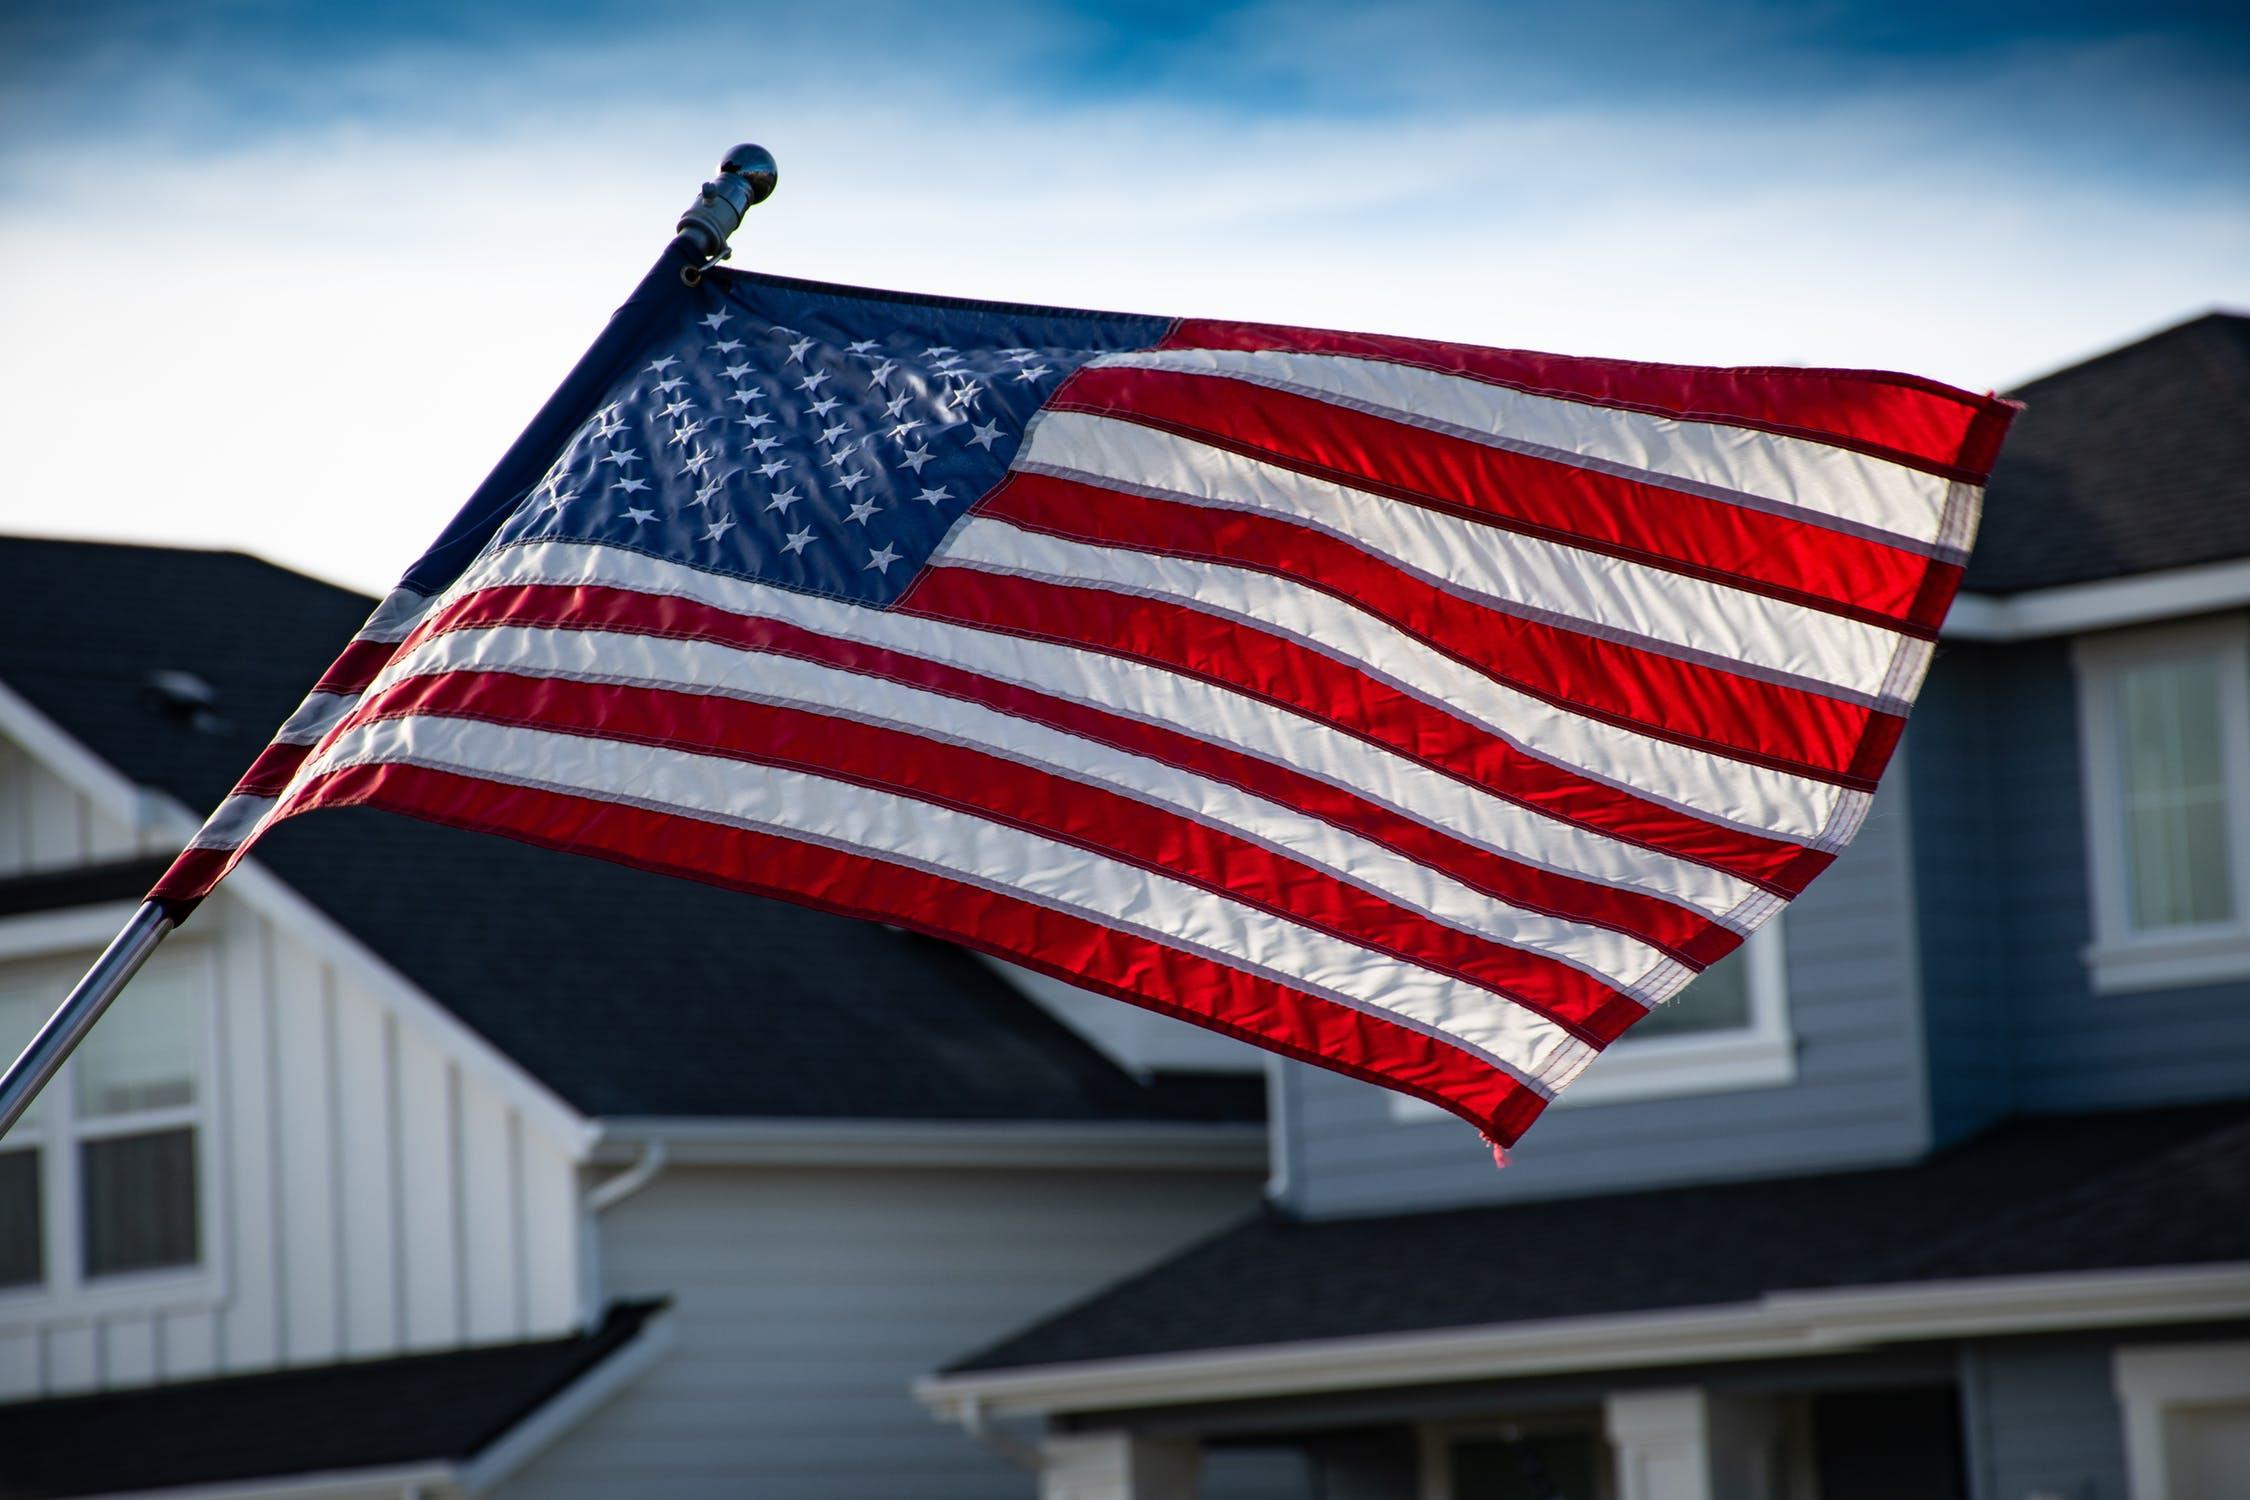 美国杰出人才移民的优势体现在哪里?